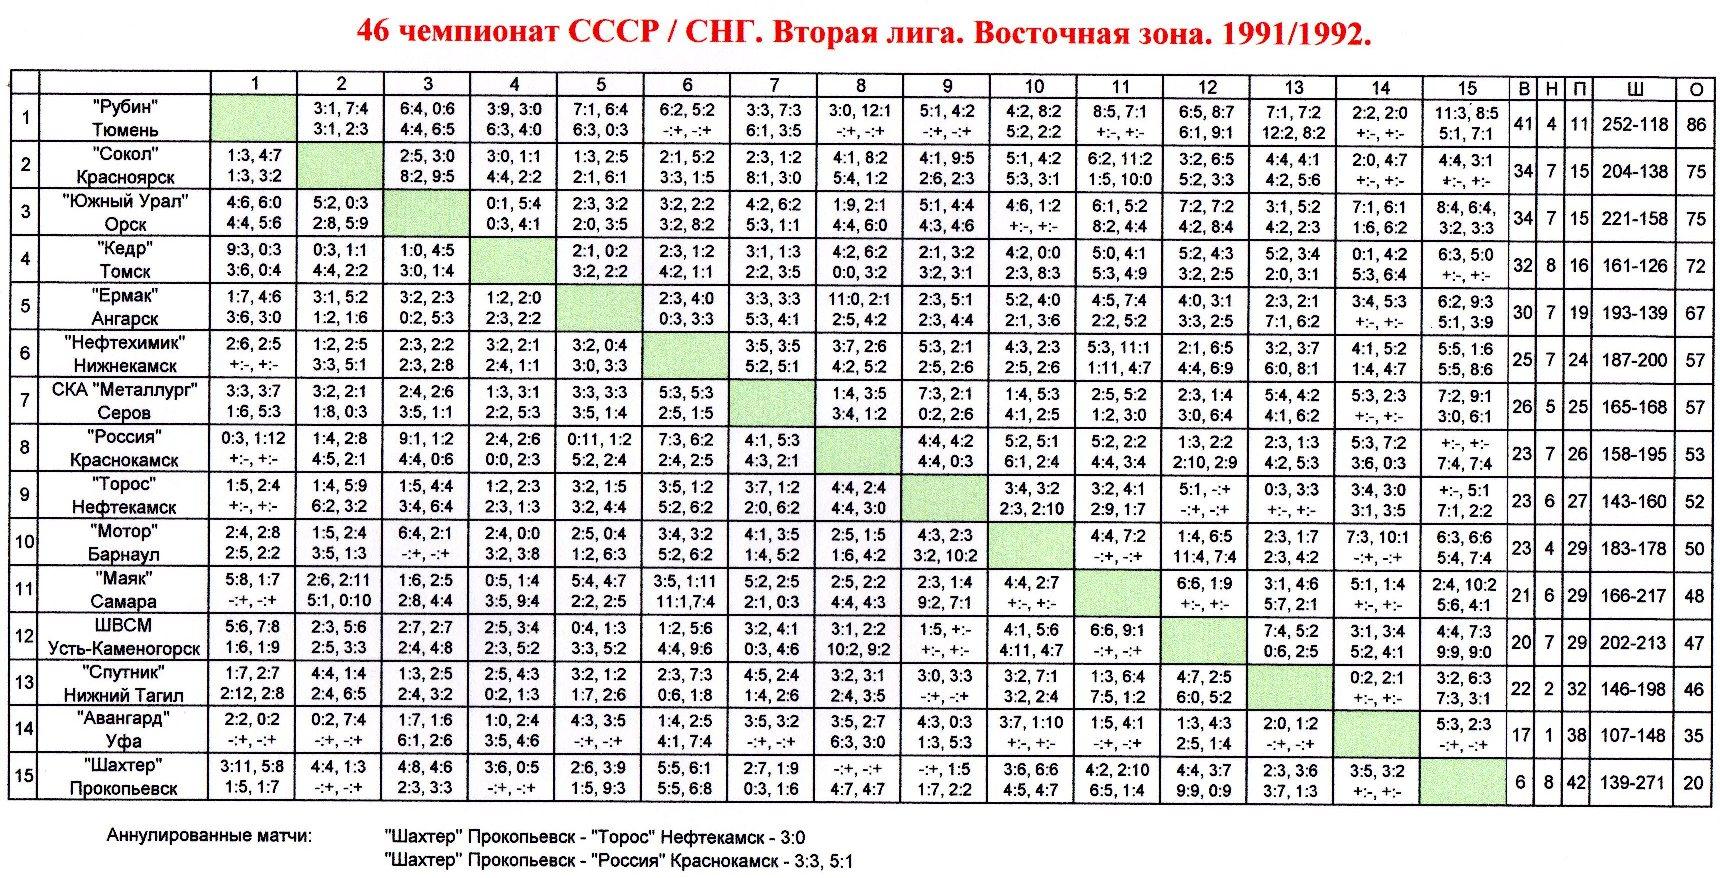 Вторая лига Восточная зона 1991-92.jpg